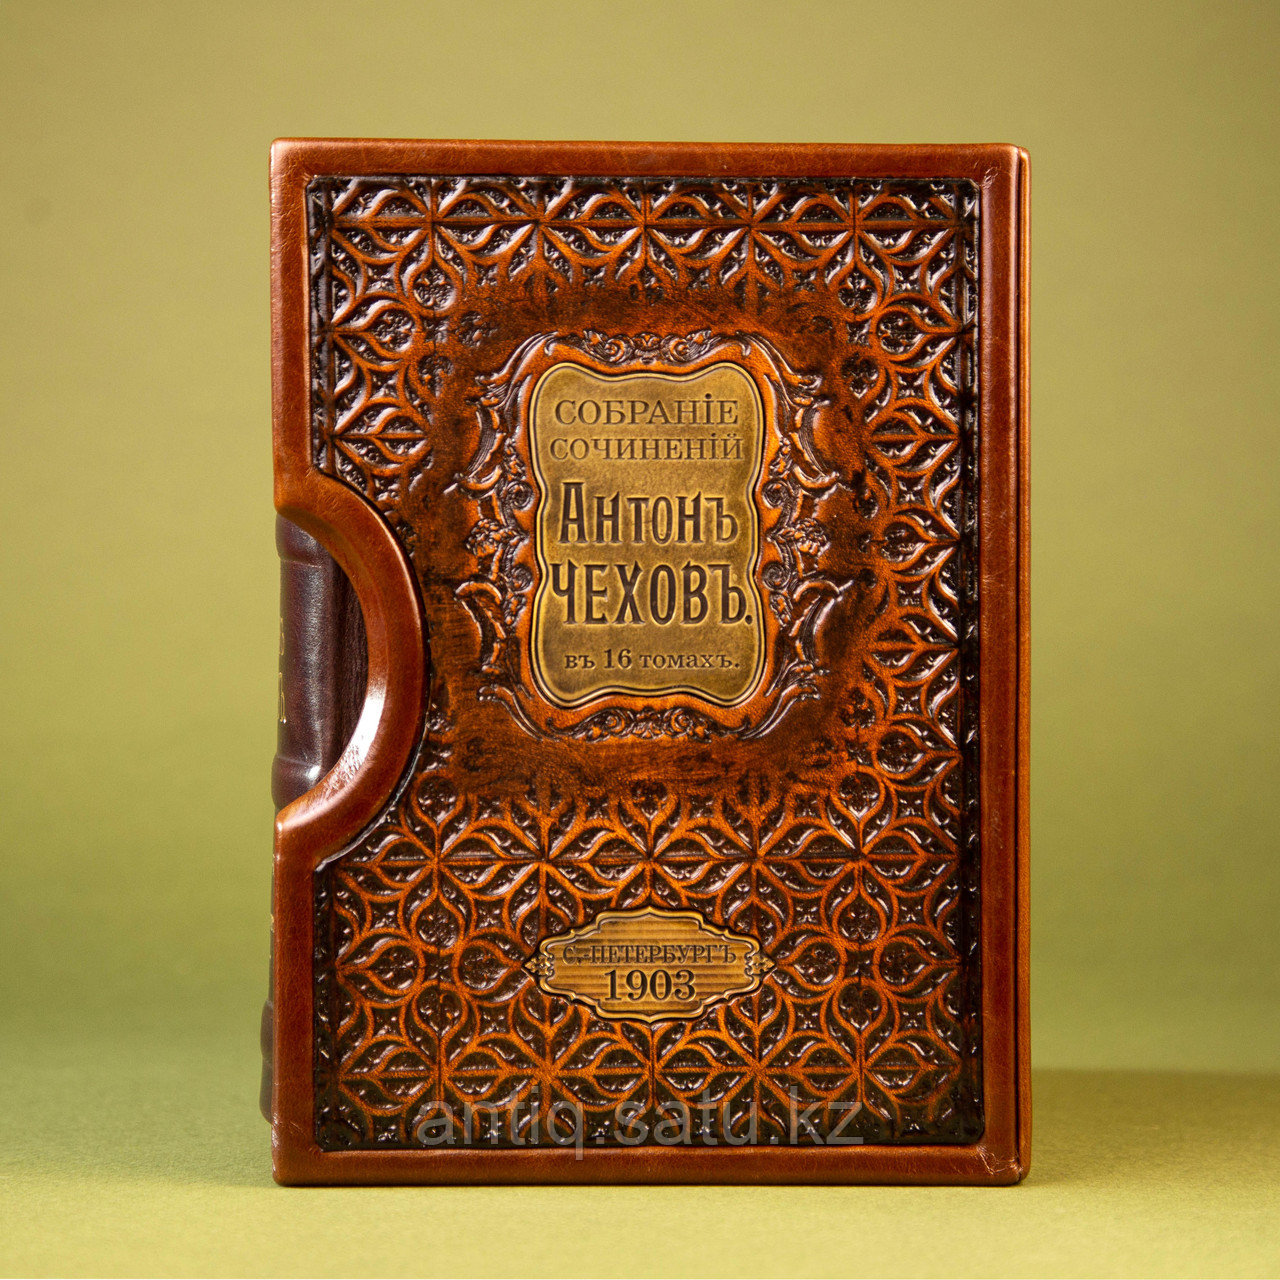 Собрание сочинений А.П. Чехова. 1903 год. Санкт-Петербург. - фото 2